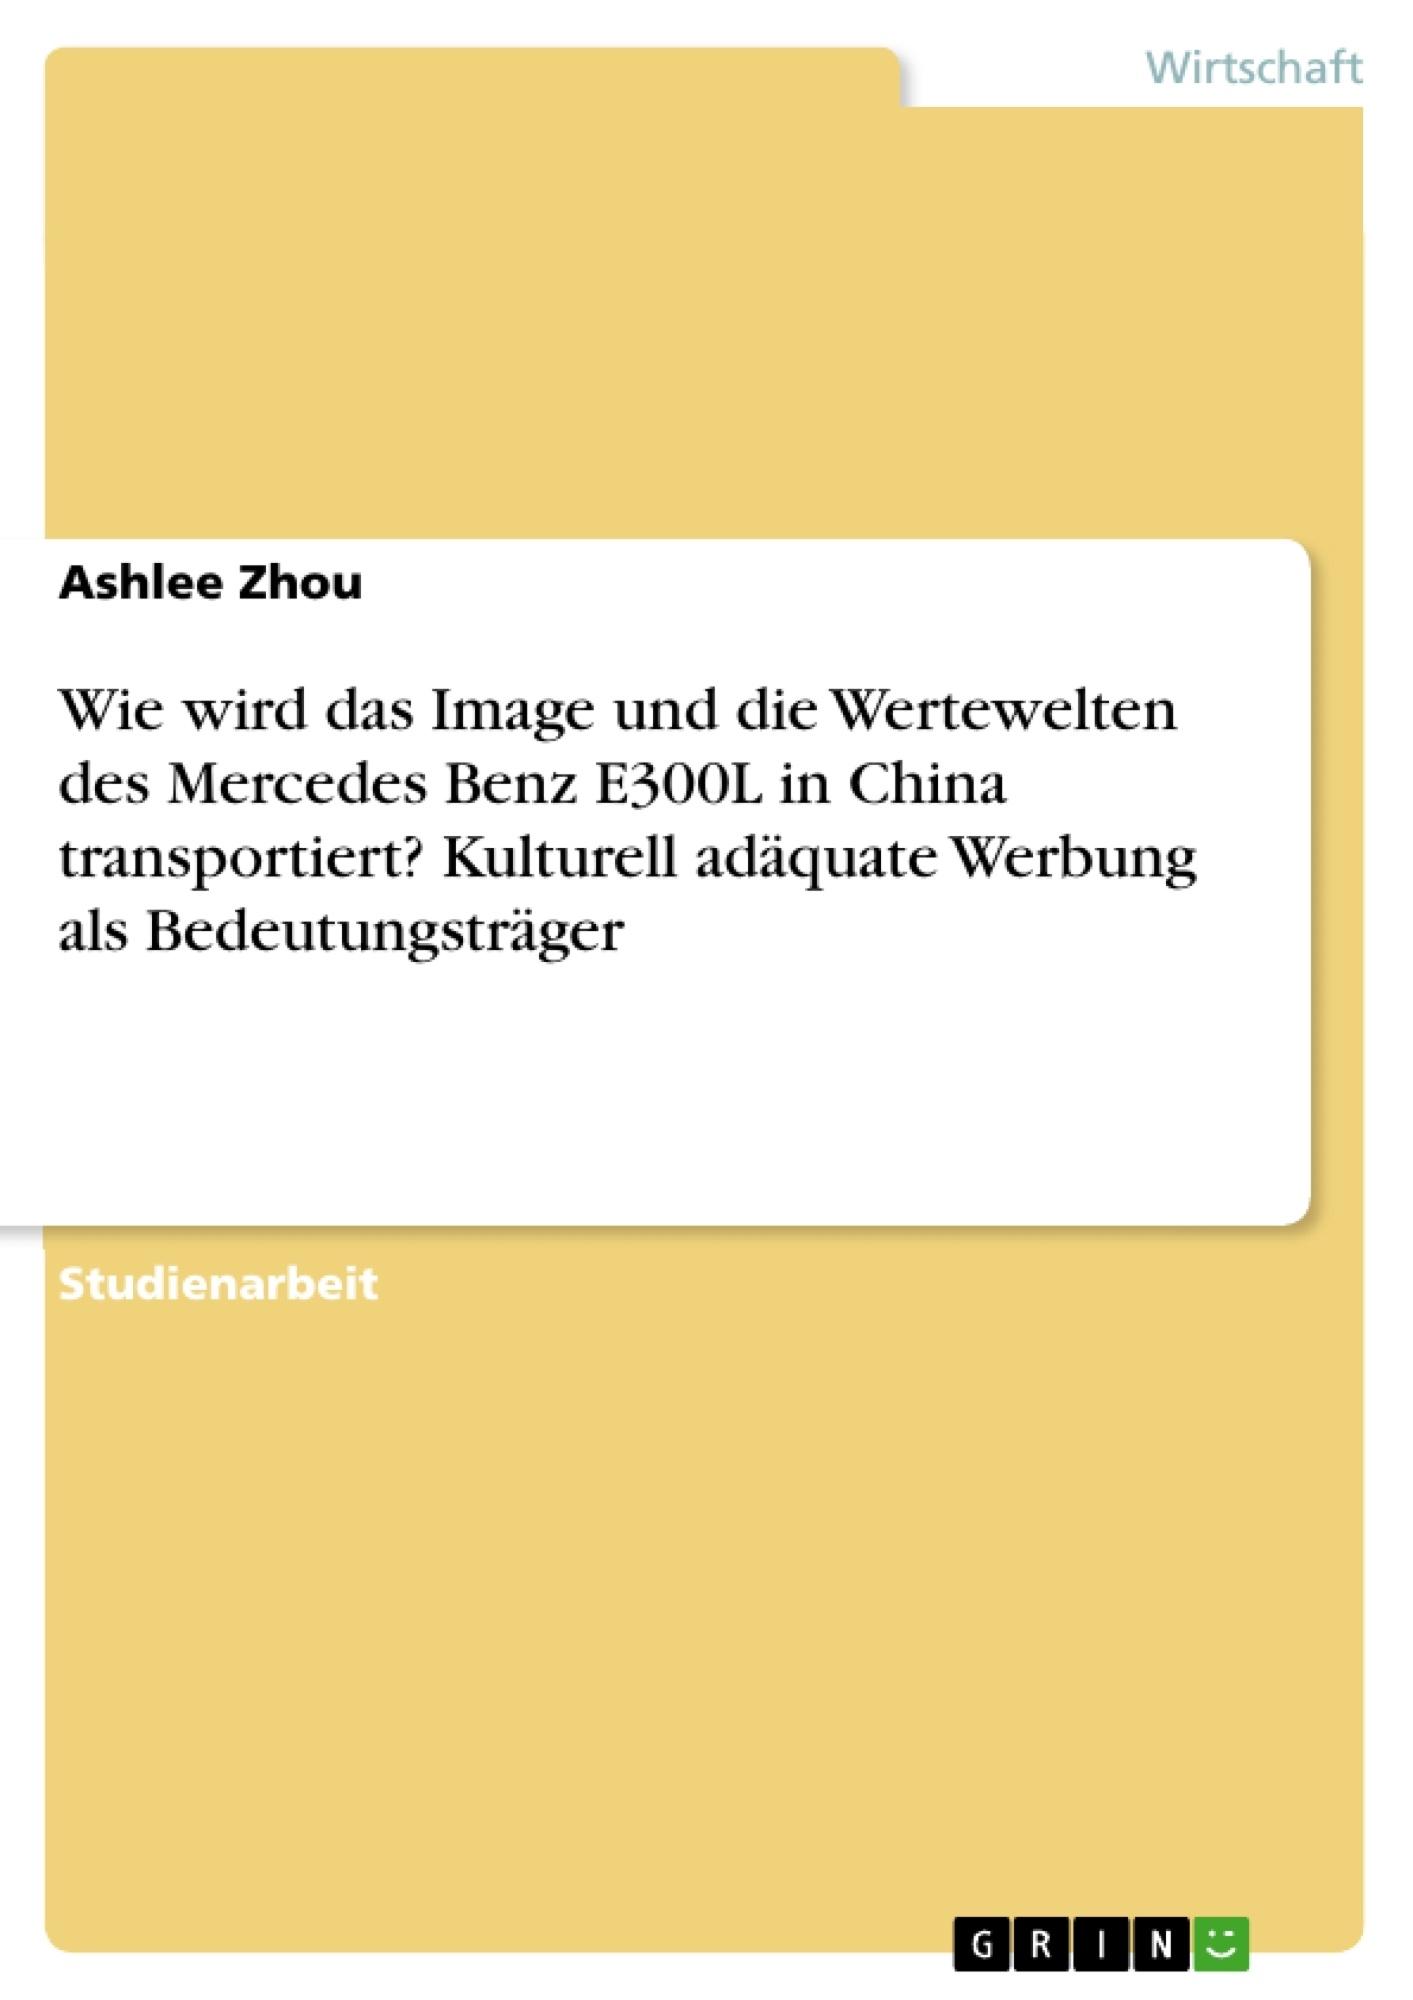 Titel: Wie wird das Image und die Wertewelten des Mercedes Benz E300L in China transportiert? Kulturell adäquate Werbung als Bedeutungsträger